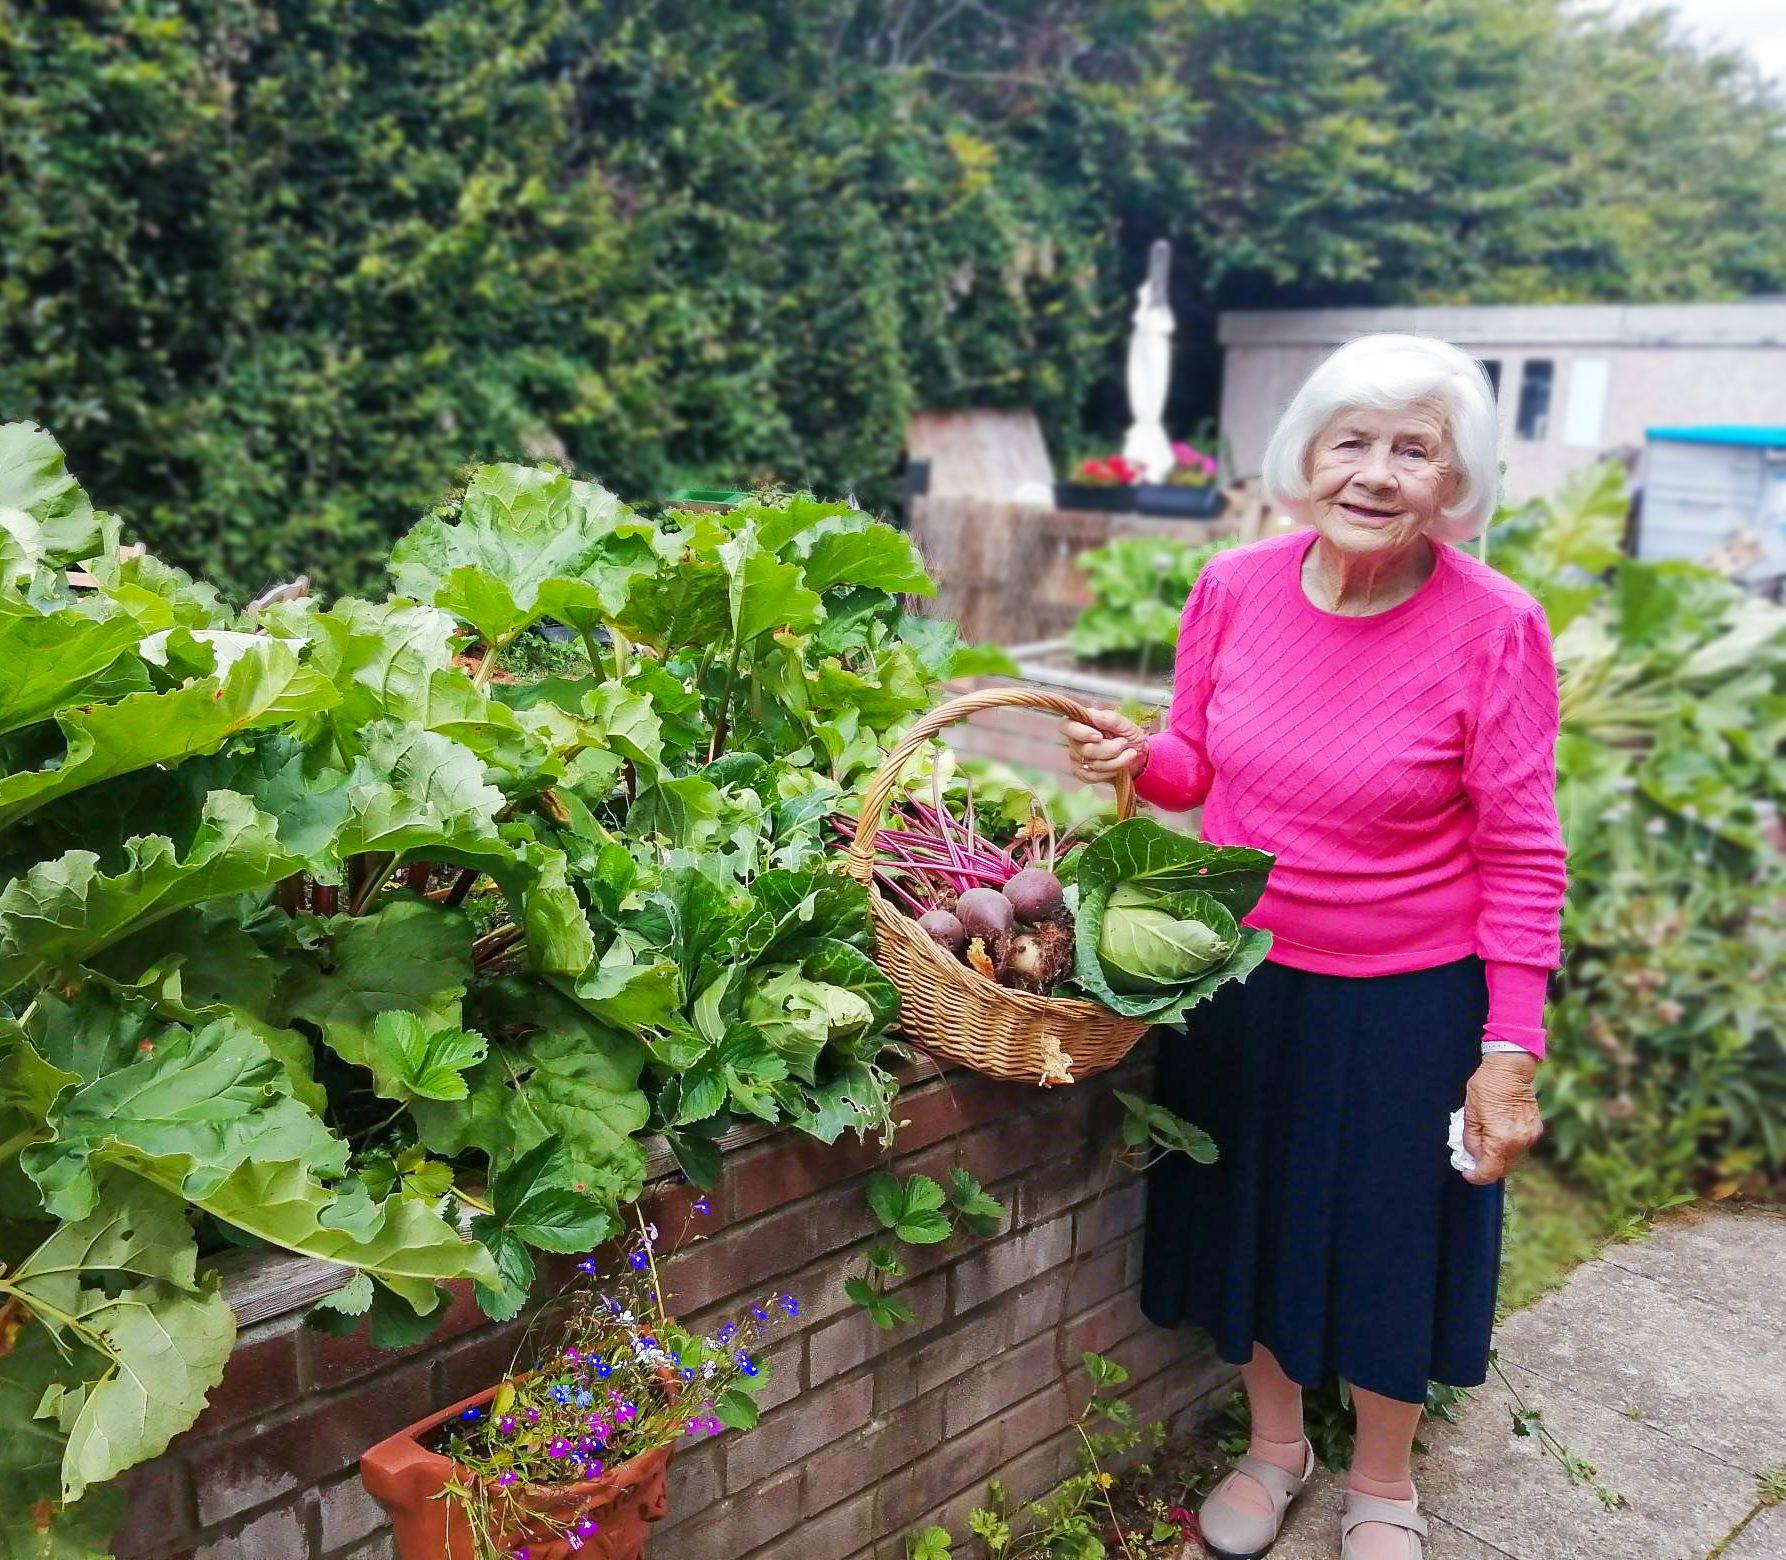 RNNH care home resident holding a basket full of freshly harvested vegetables.